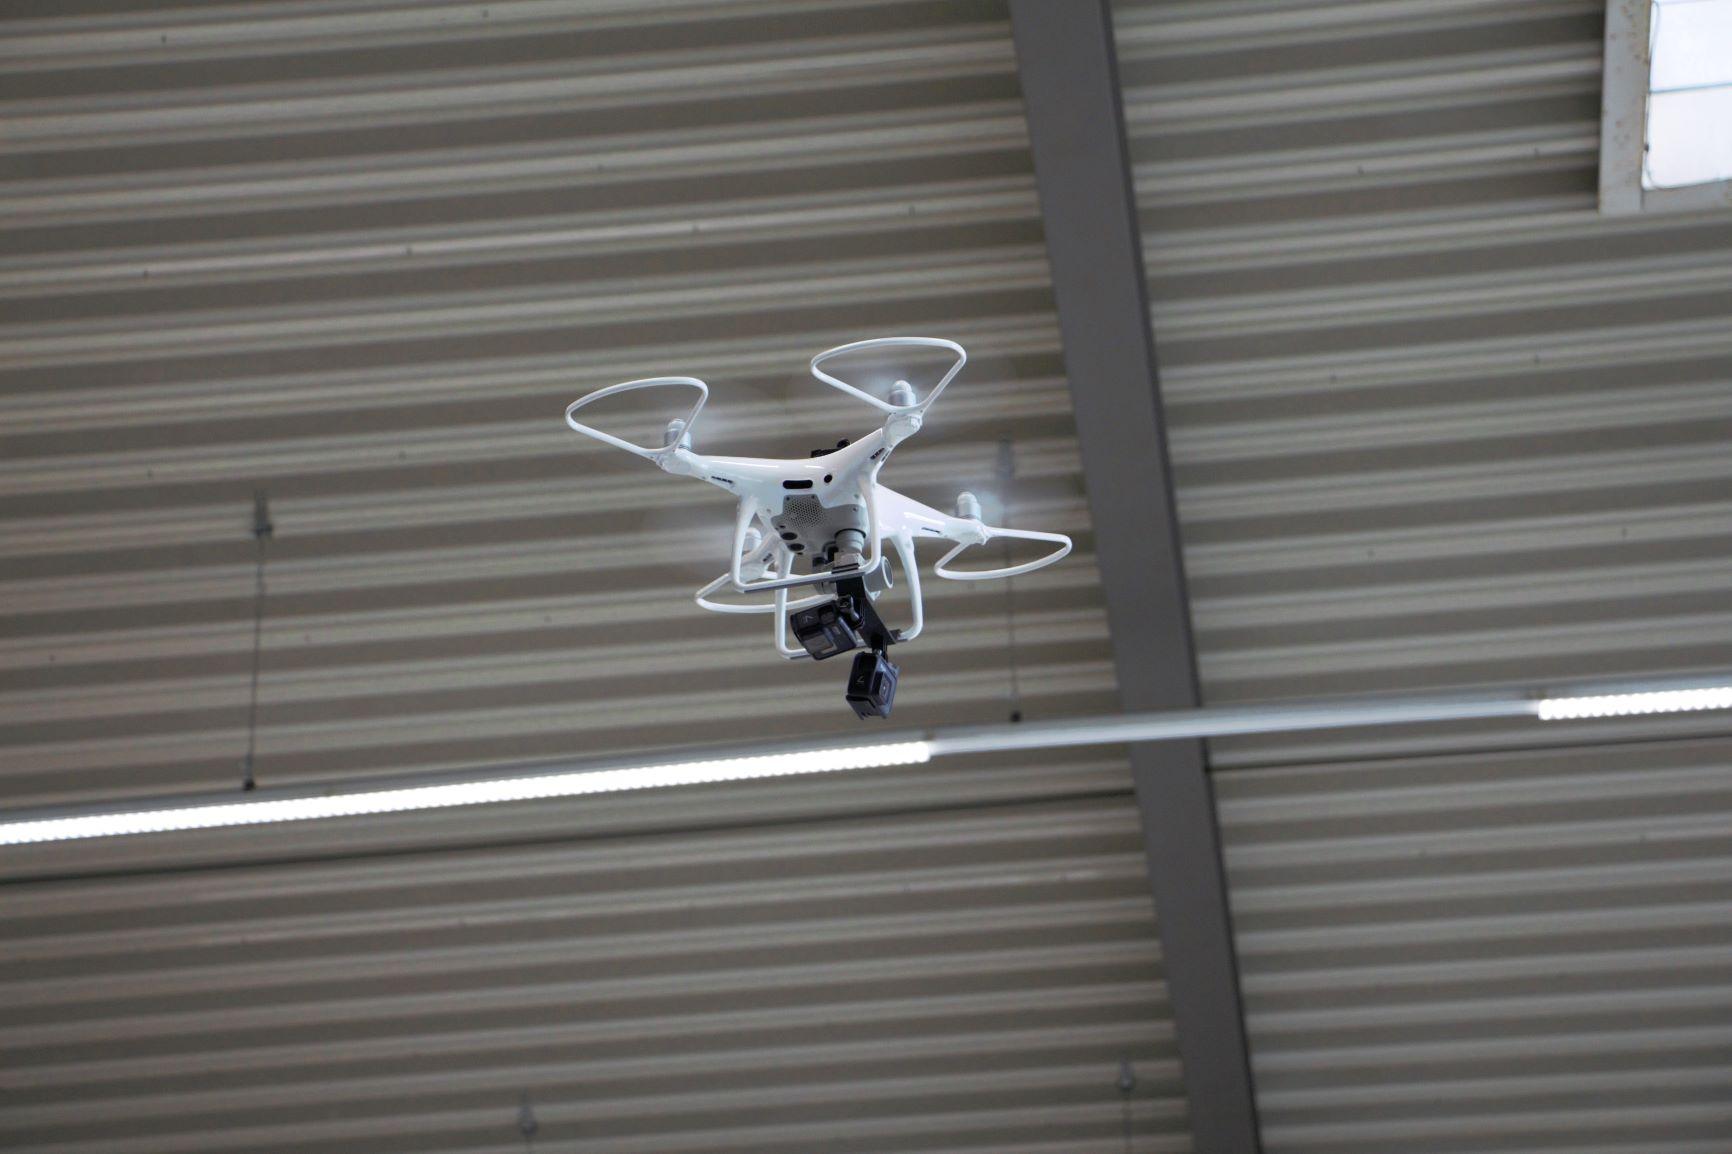 Autonomes Fliegen mit KI